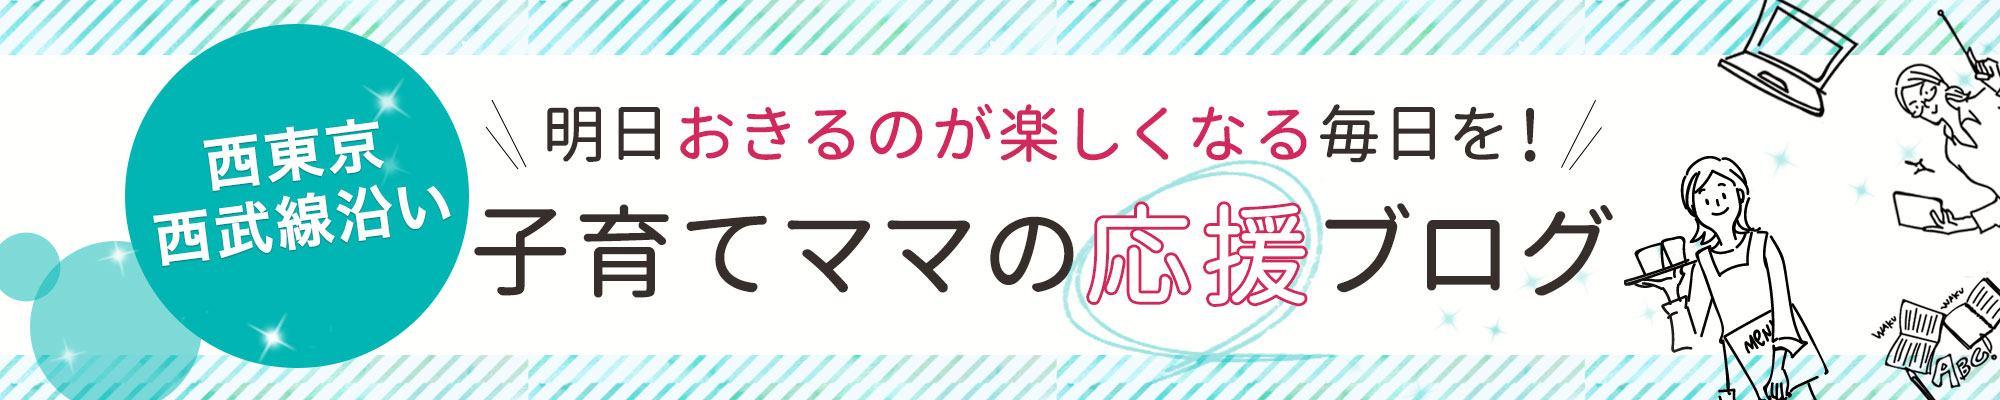 西東京ママの子育て応援ブログ